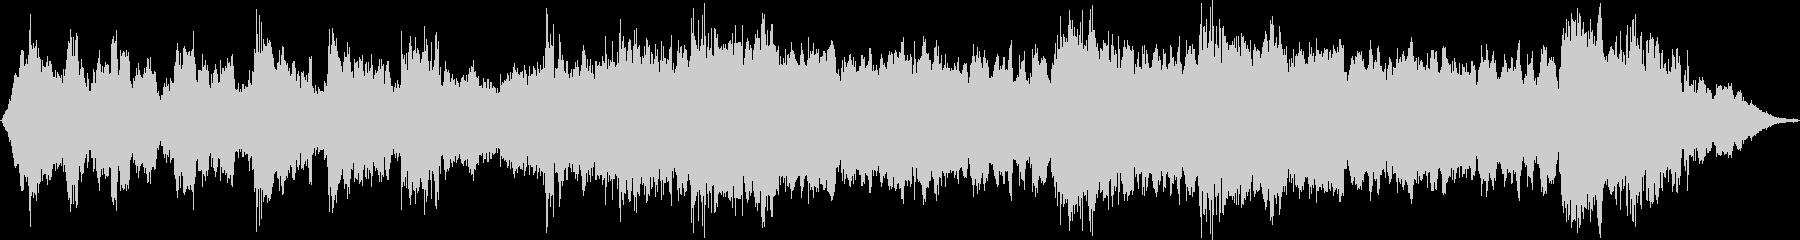 フレンチホルンとストリングスが特徴...の未再生の波形